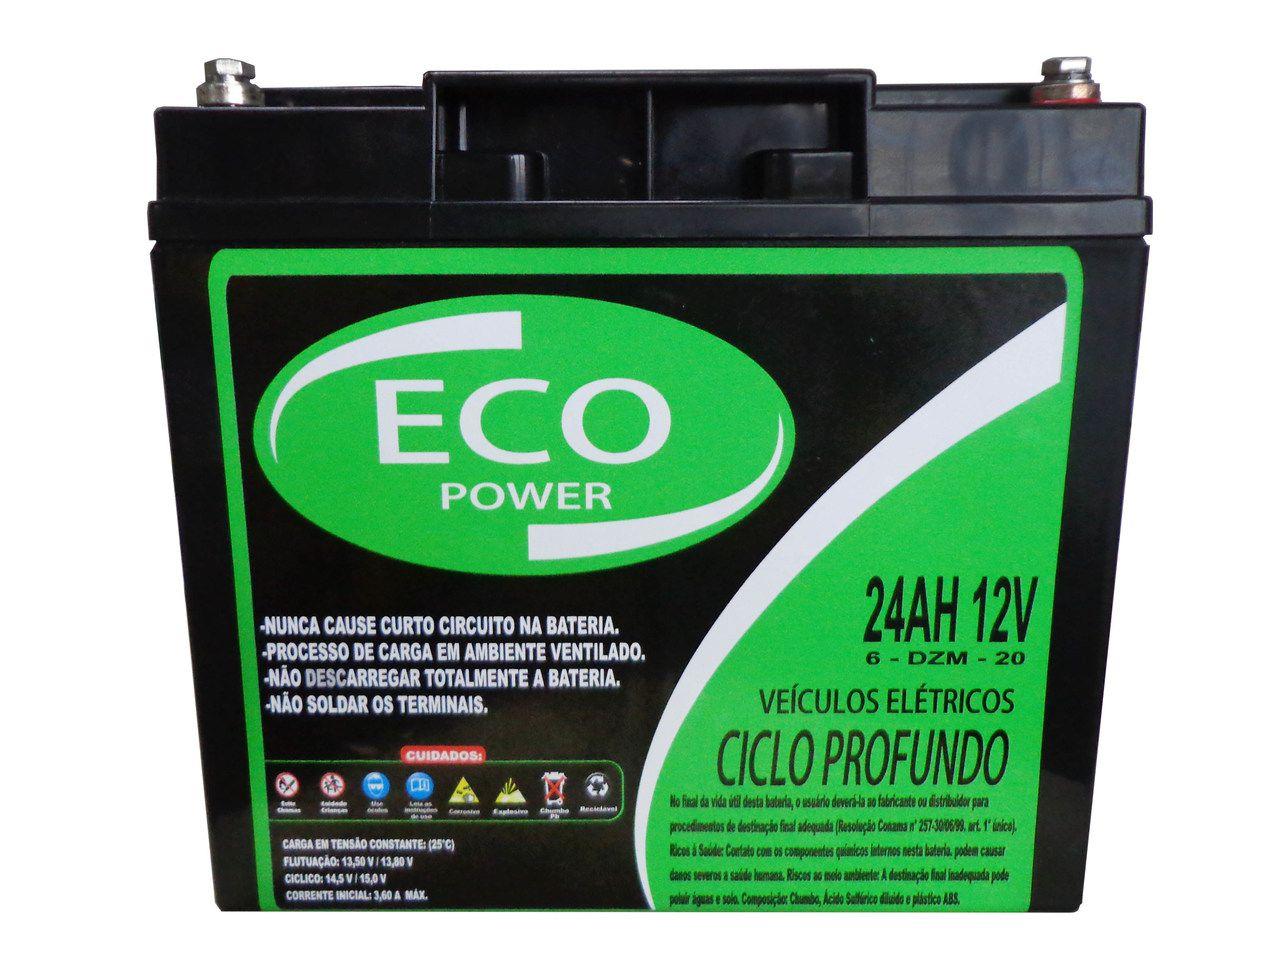 Kit 4 Baterias Eco Power Gel 12v 24ah Ciclo Profundo Bike 48v Cadeira De Rodas Da Ortobras 6-dzm-20